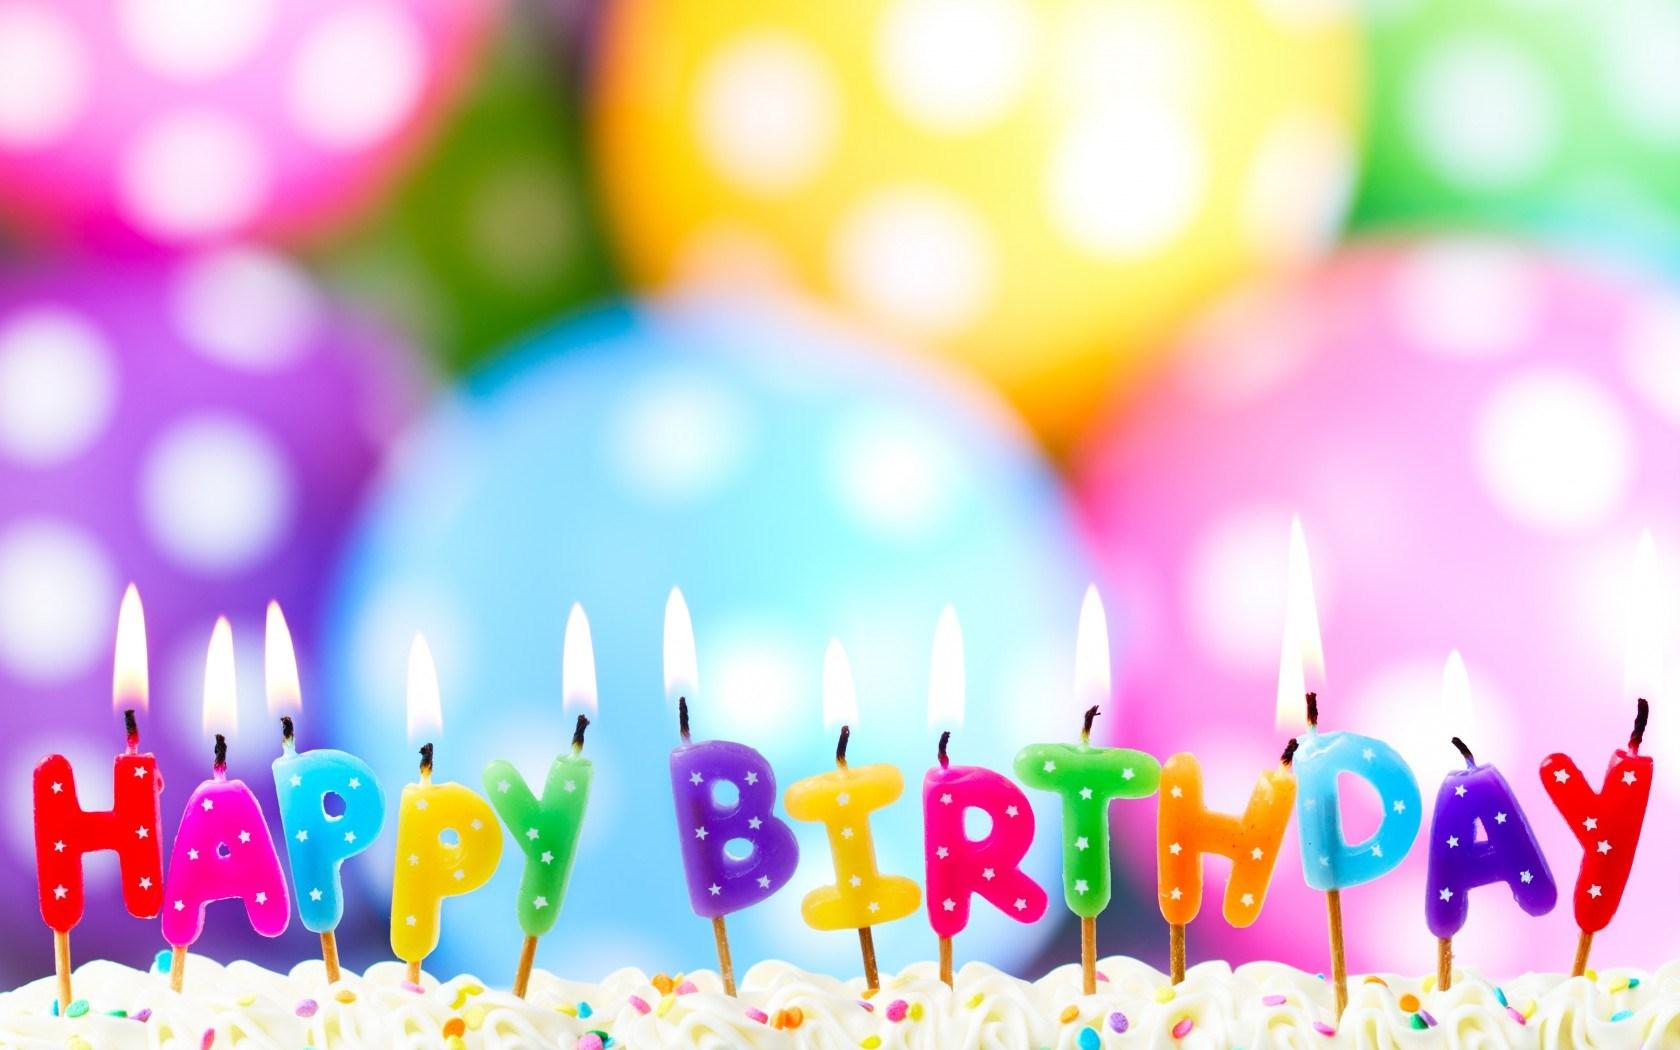 Betere Verjaardagswensen voor de Man ⋆ Verjaardagswens.eu IA-78